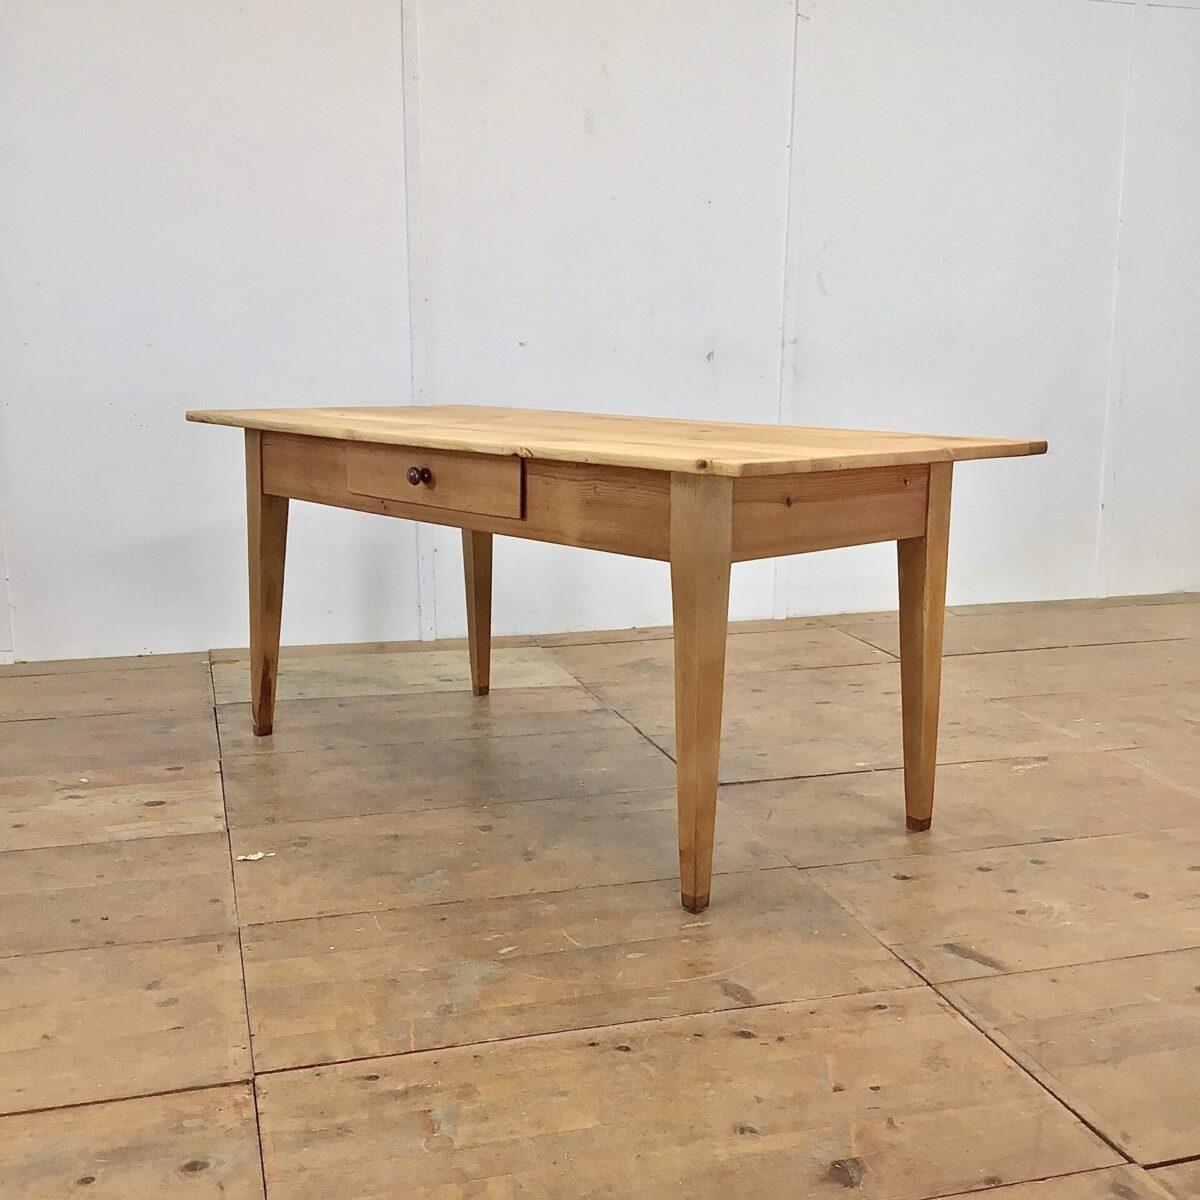 Deuxieme.shop Tannenholztisch 182x83cm Höhe 78cm. Das Tischblatt ist teilweise etwas uneben. Die Beine wurden mal etwas verlängert um die Beinfreiheit zu vergrössern. Die Holz Oberflächen sind geölt, warme matte Ausstrahlung. An der einen Längsseite hat es eine Besteck Schublade, mit Holzgriff.